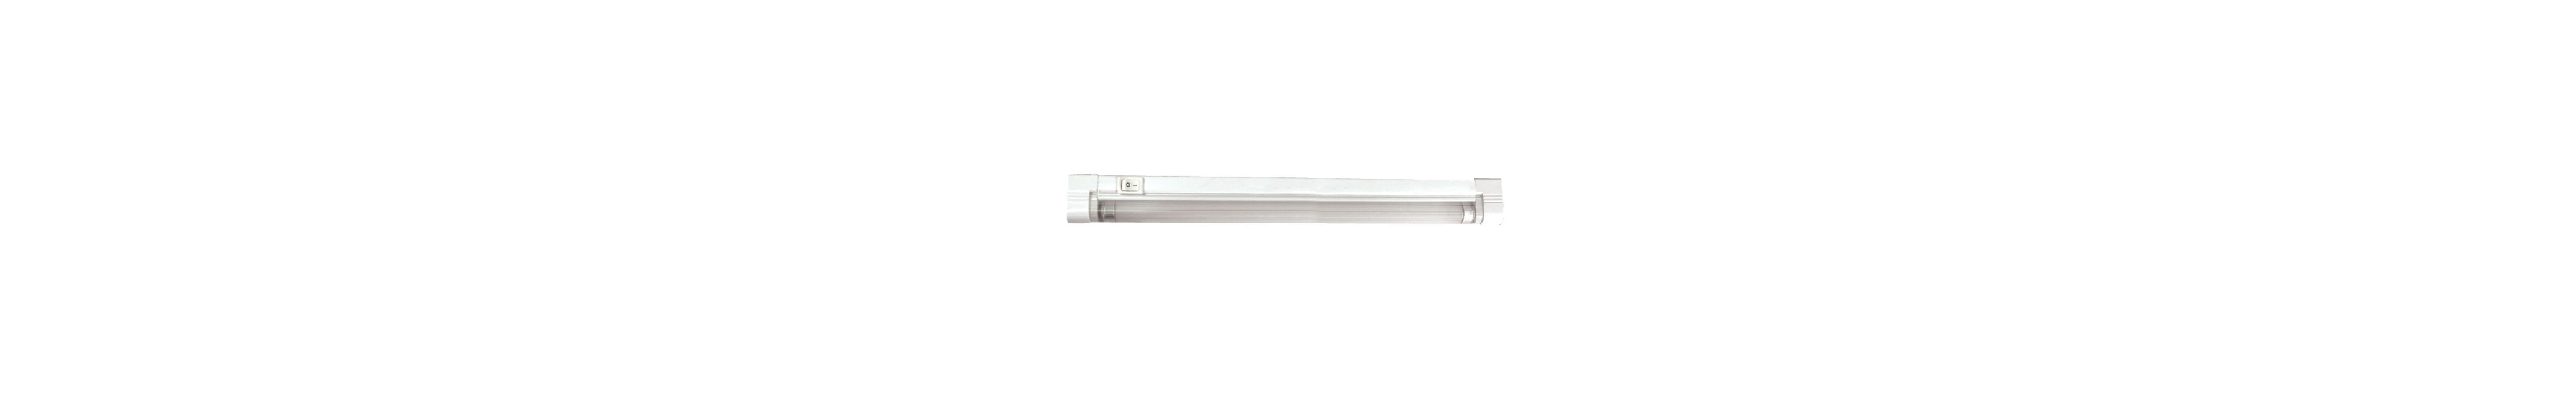 Elco EUS14W Single F14T5 SlimLine Fluorescent Undercabinet and Cove